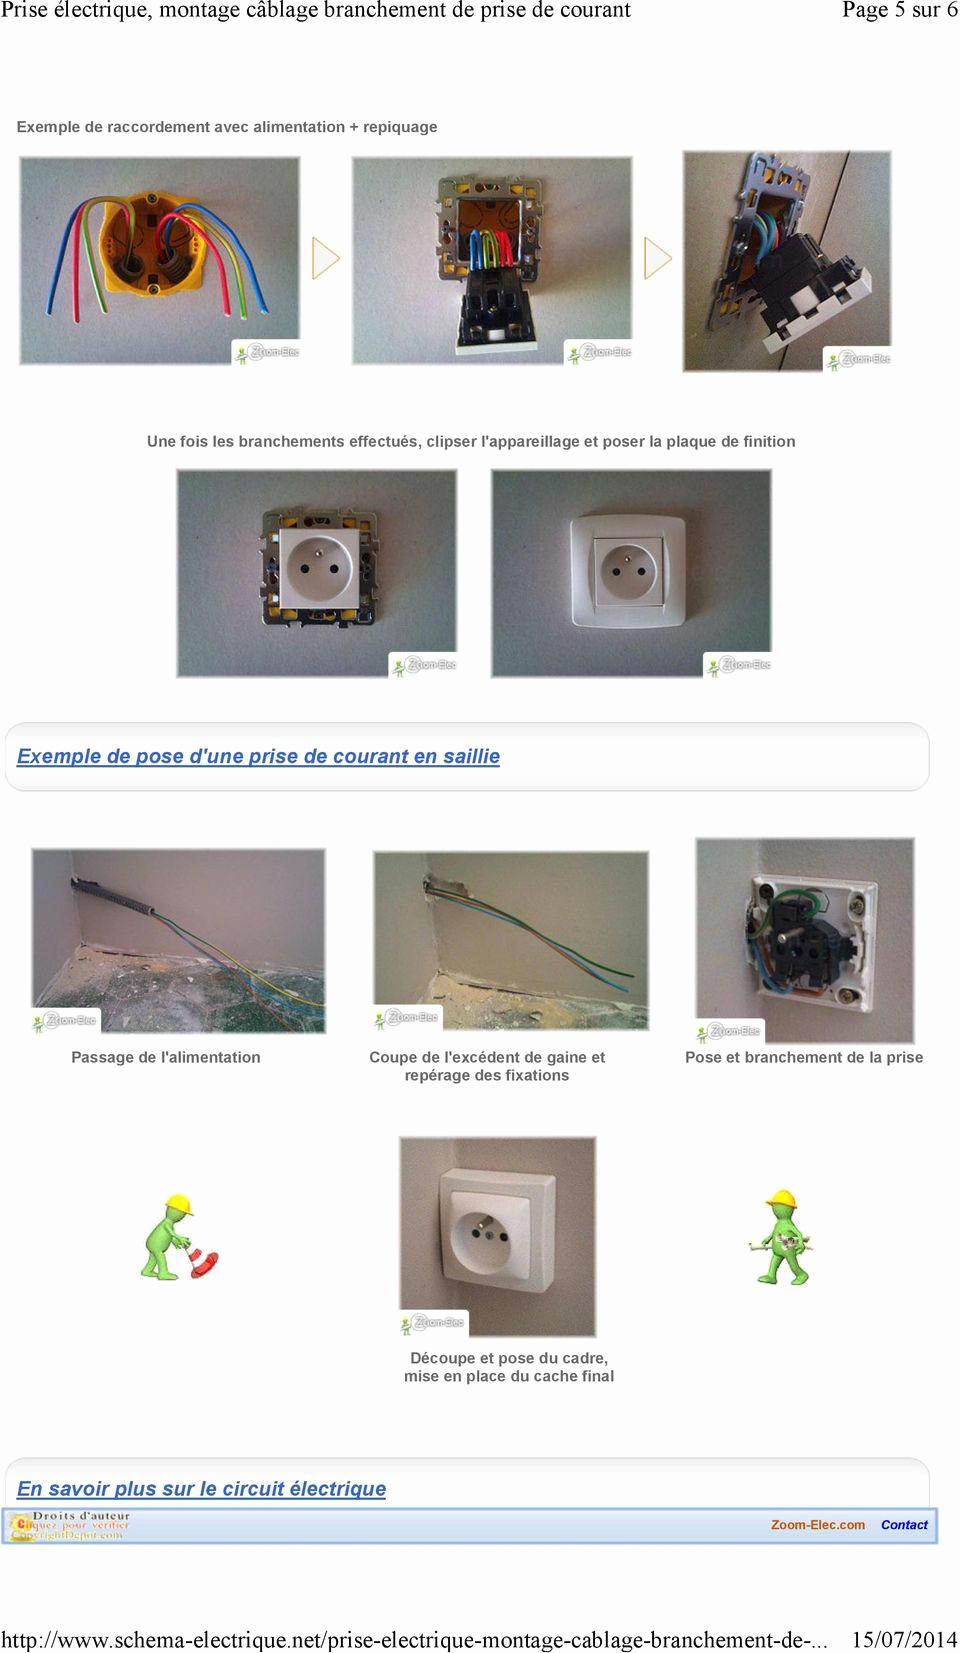 Meilleure Marque Plaque Induction 2015 Luxe Photos Branchement Four Electrique Et Plaque Induction élégant Branchement